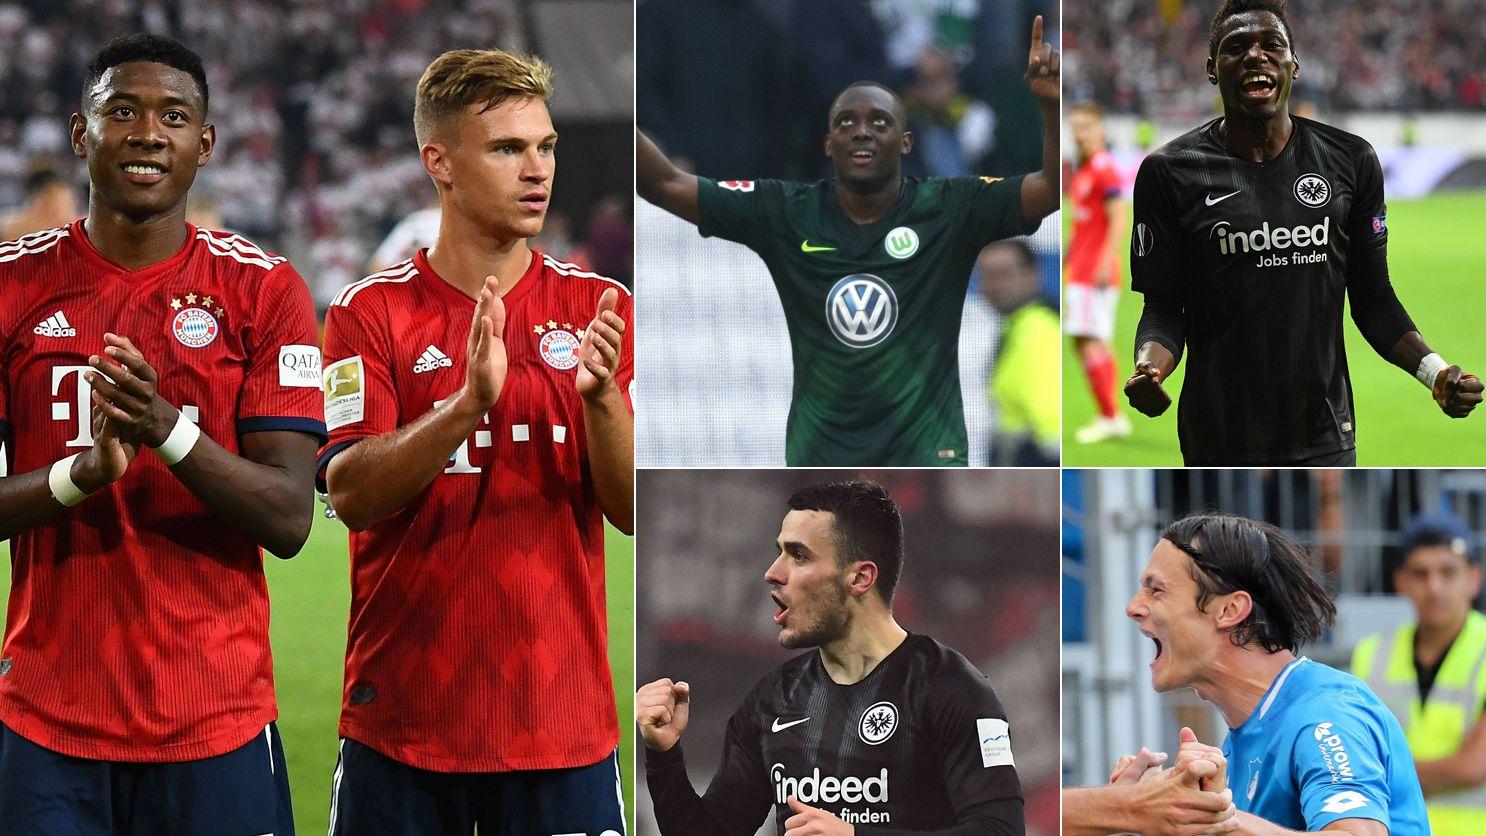 An Kimmich führt kein Weg vorbei - Bundesliga | Bildergalerie - kicker